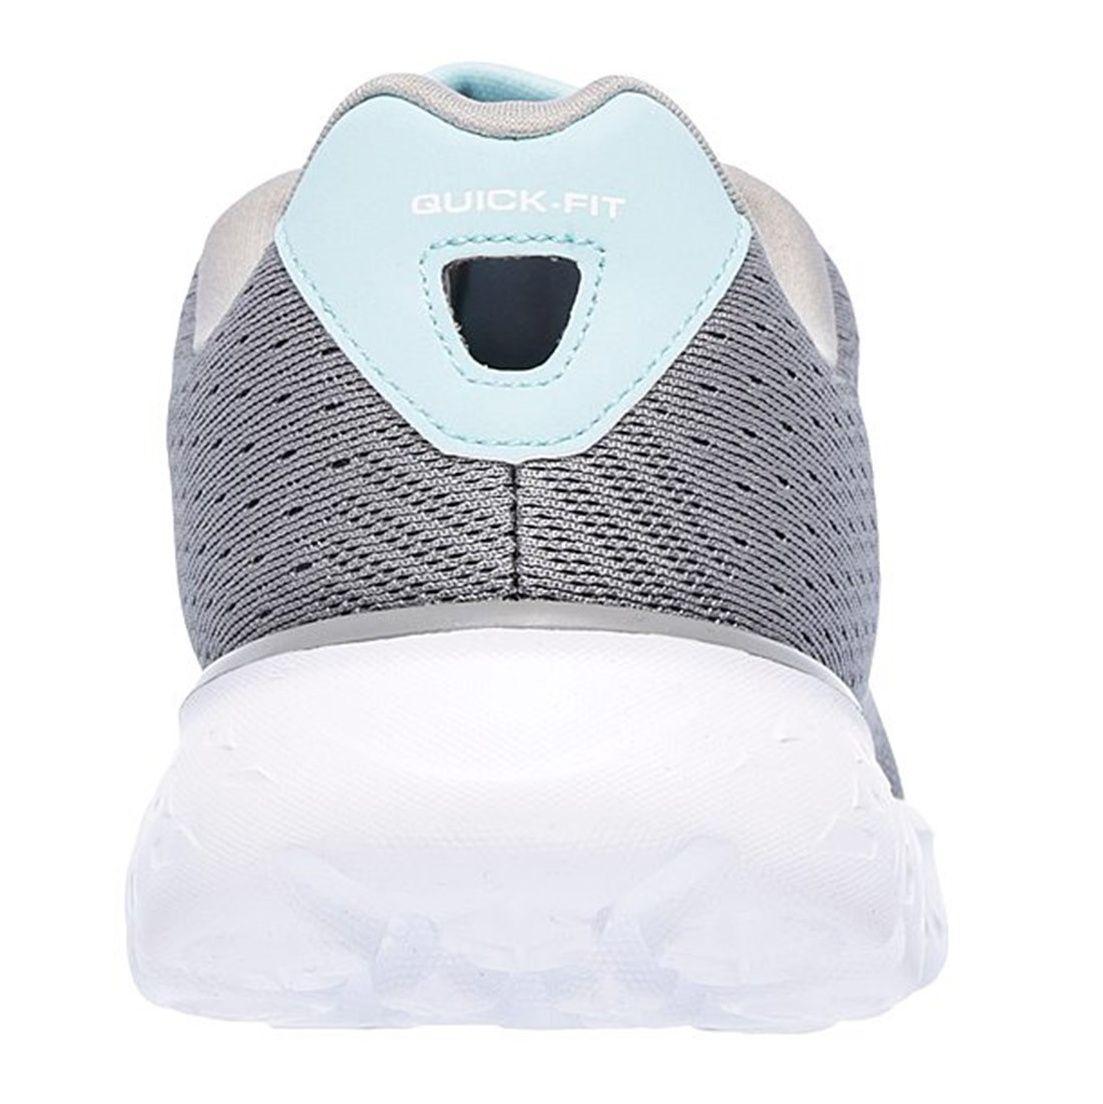 کفش دویدن بندی زنانه GoRun 400 Sole - اسکچرز - طوسي - 4